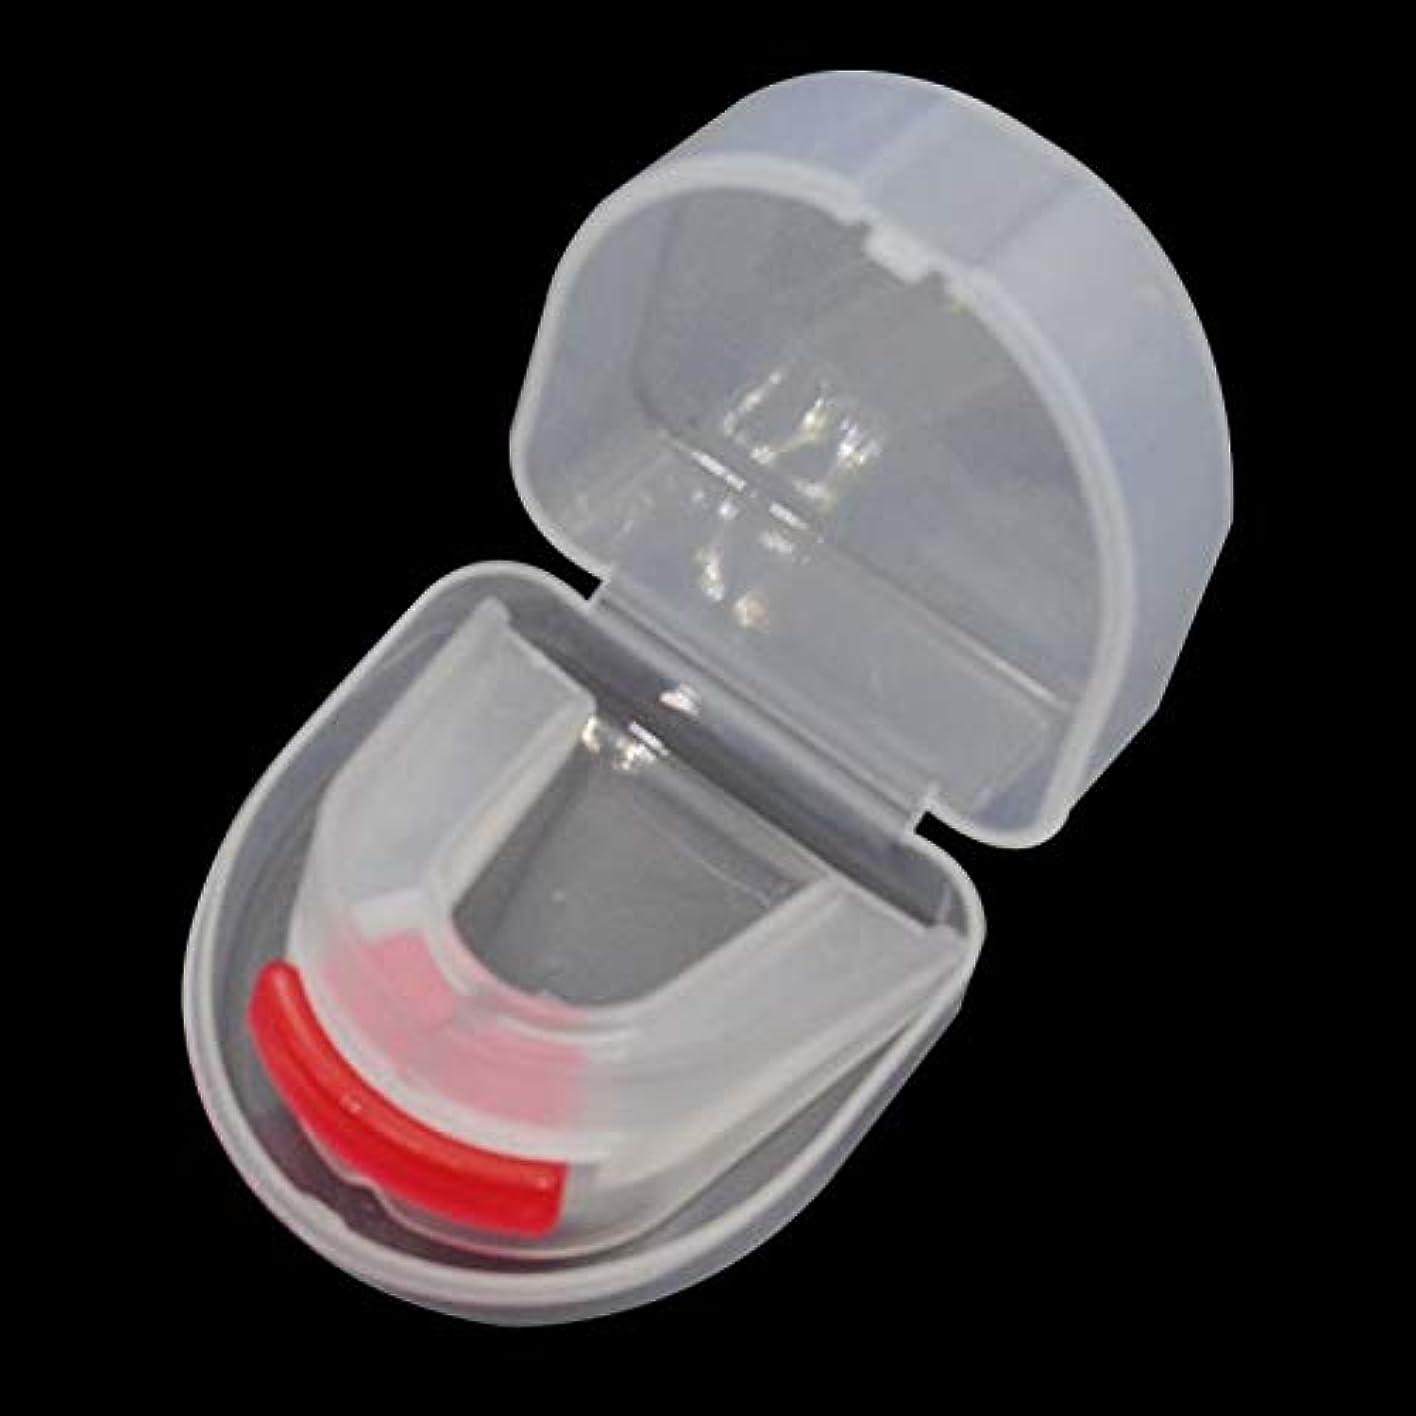 噴出する落胆させるピカソNOTE 1ピースマウスガードストップいびきアンチブラキシズムいびきマウスピース無呼吸ガード睡眠補助実用バンパーボクシングマウスガード `